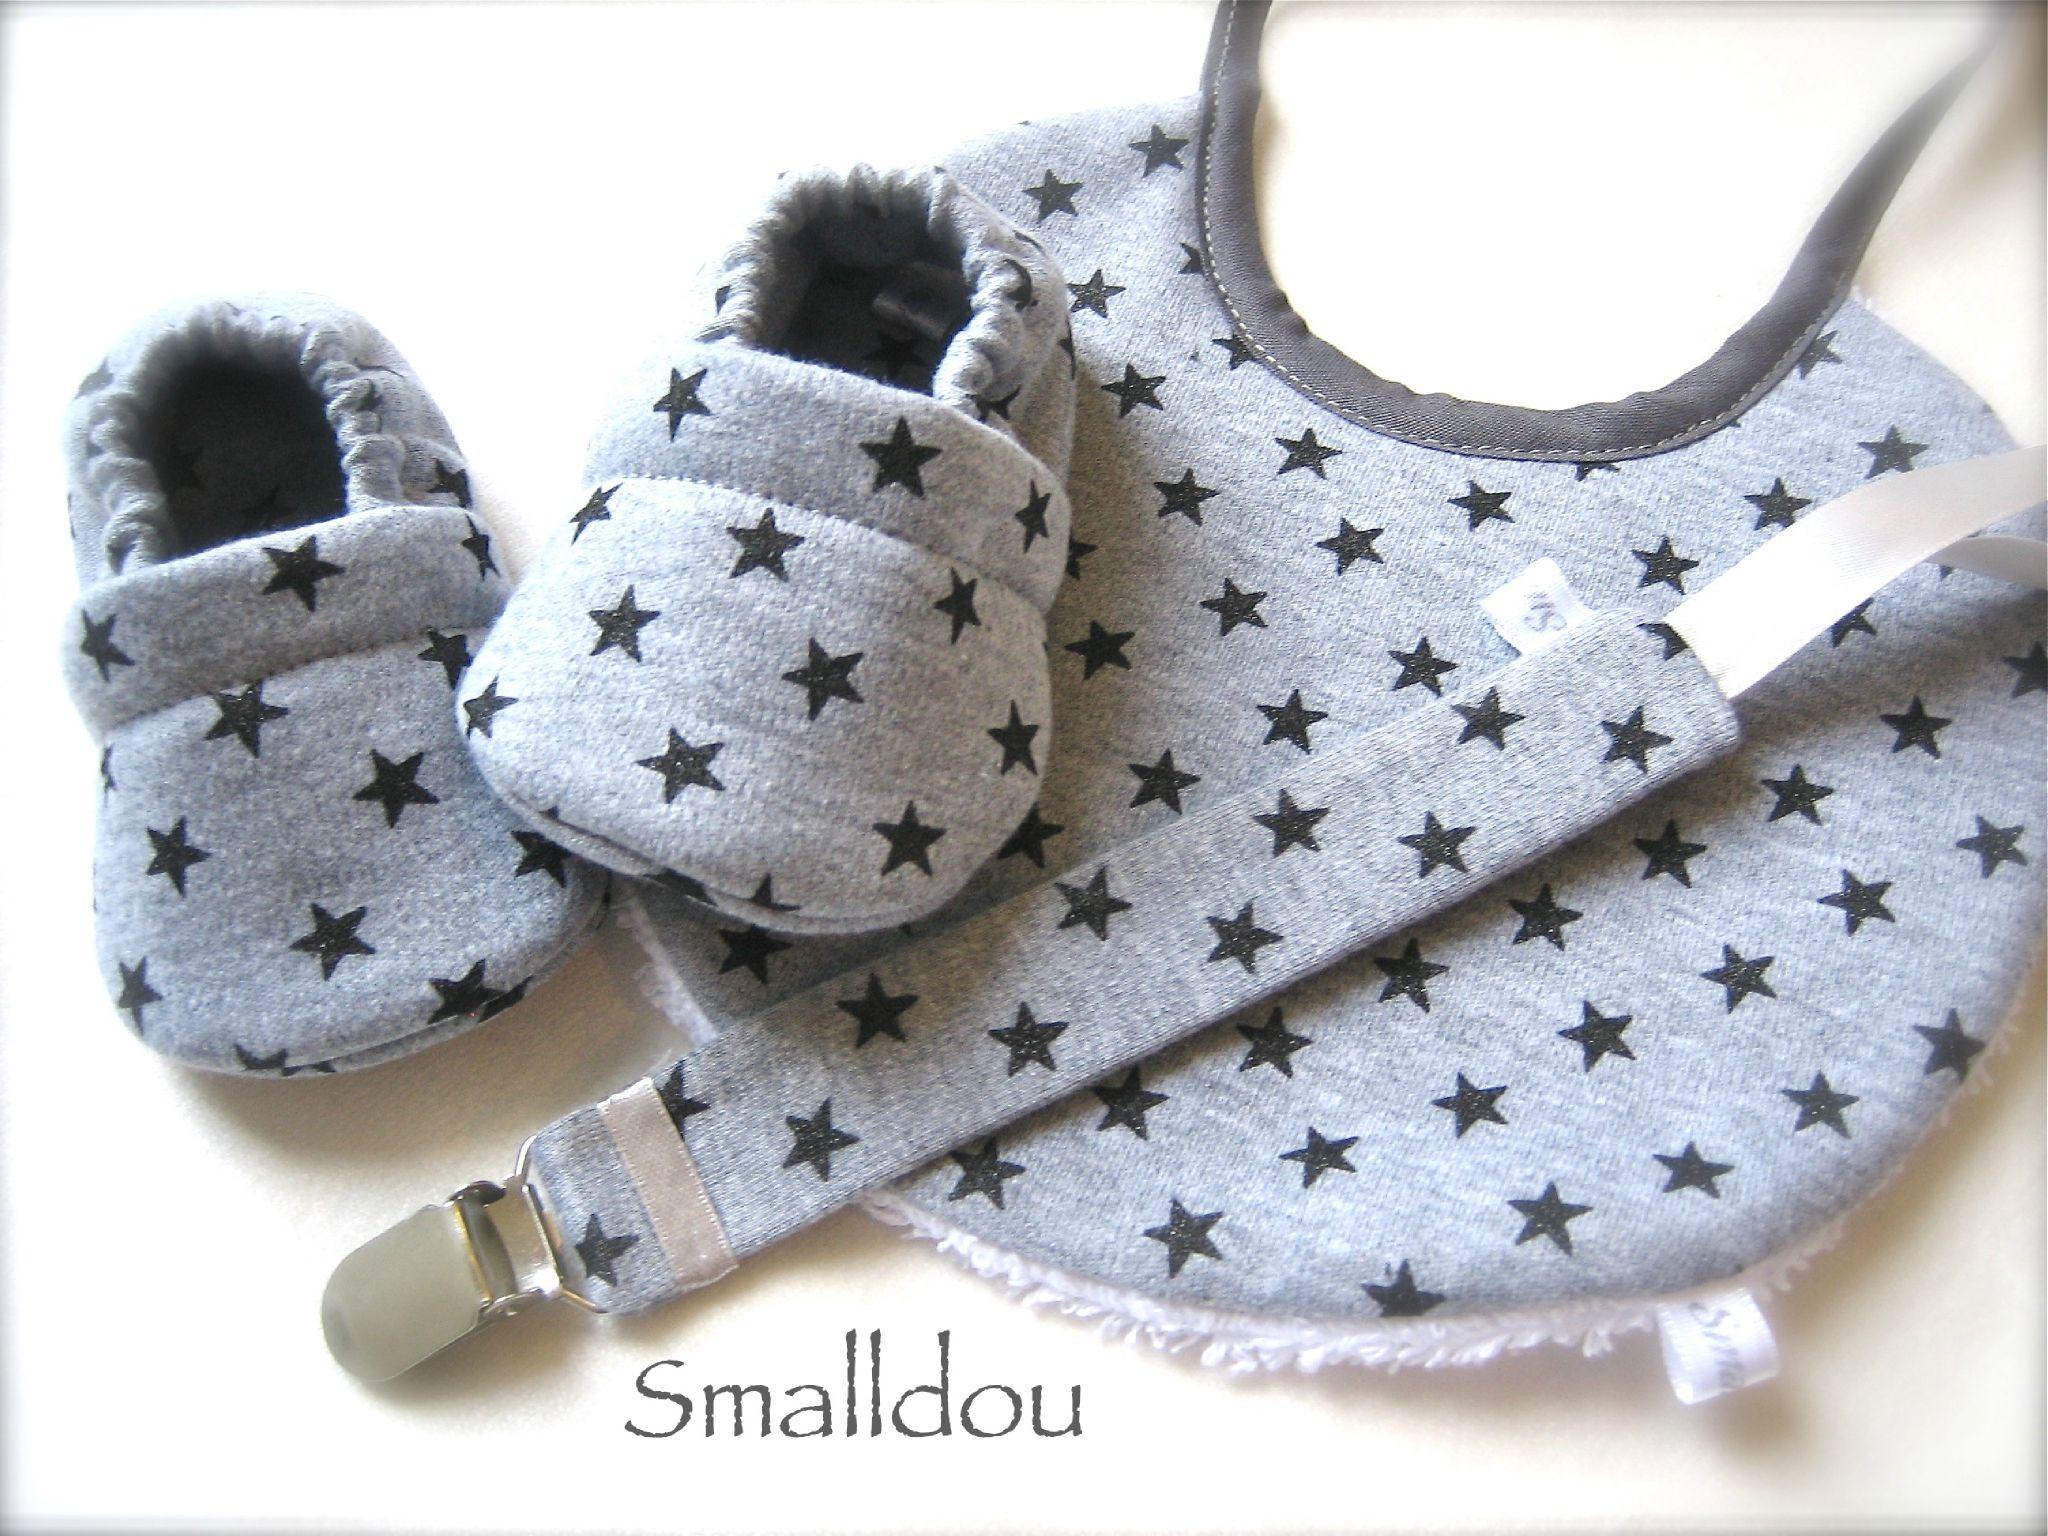 8c104ca932390 Coffret cadeau smalldou chaussons bébé